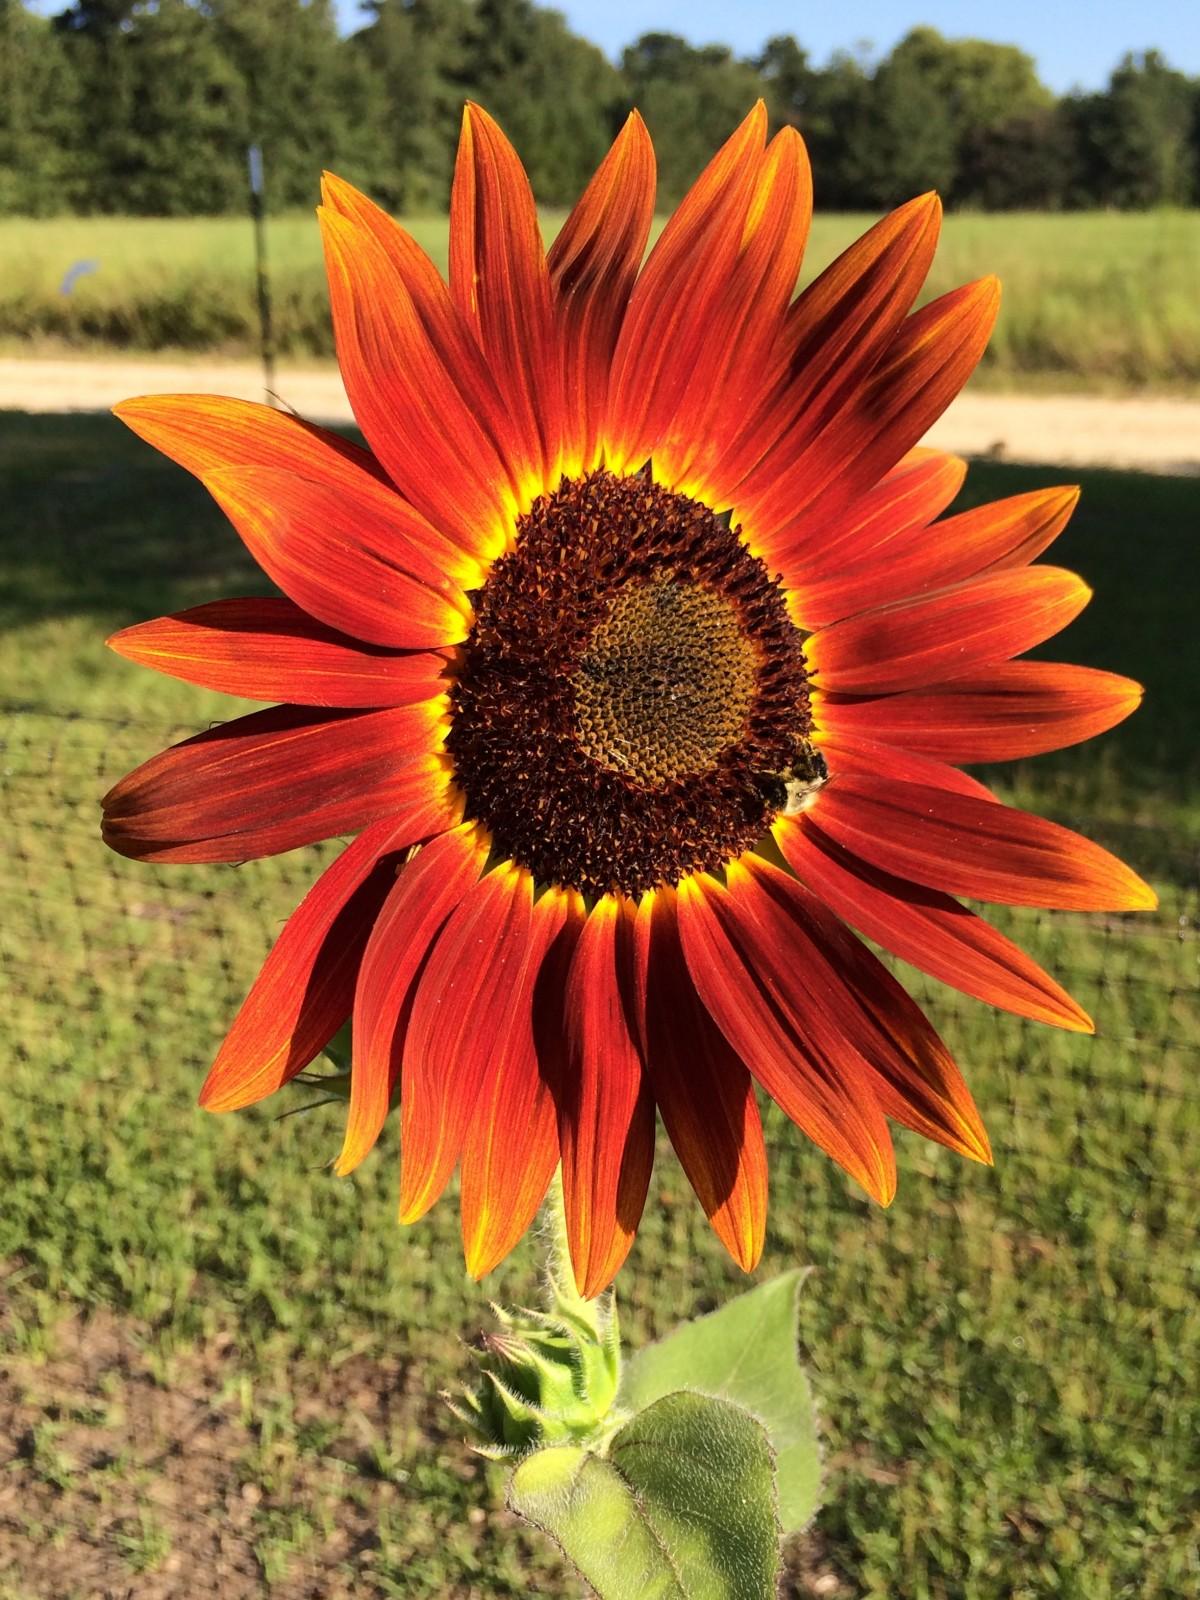 Images Gratuites : champ, fleur, pétale, été, printemps, botanique, flore, tournesol, Gerbera ...